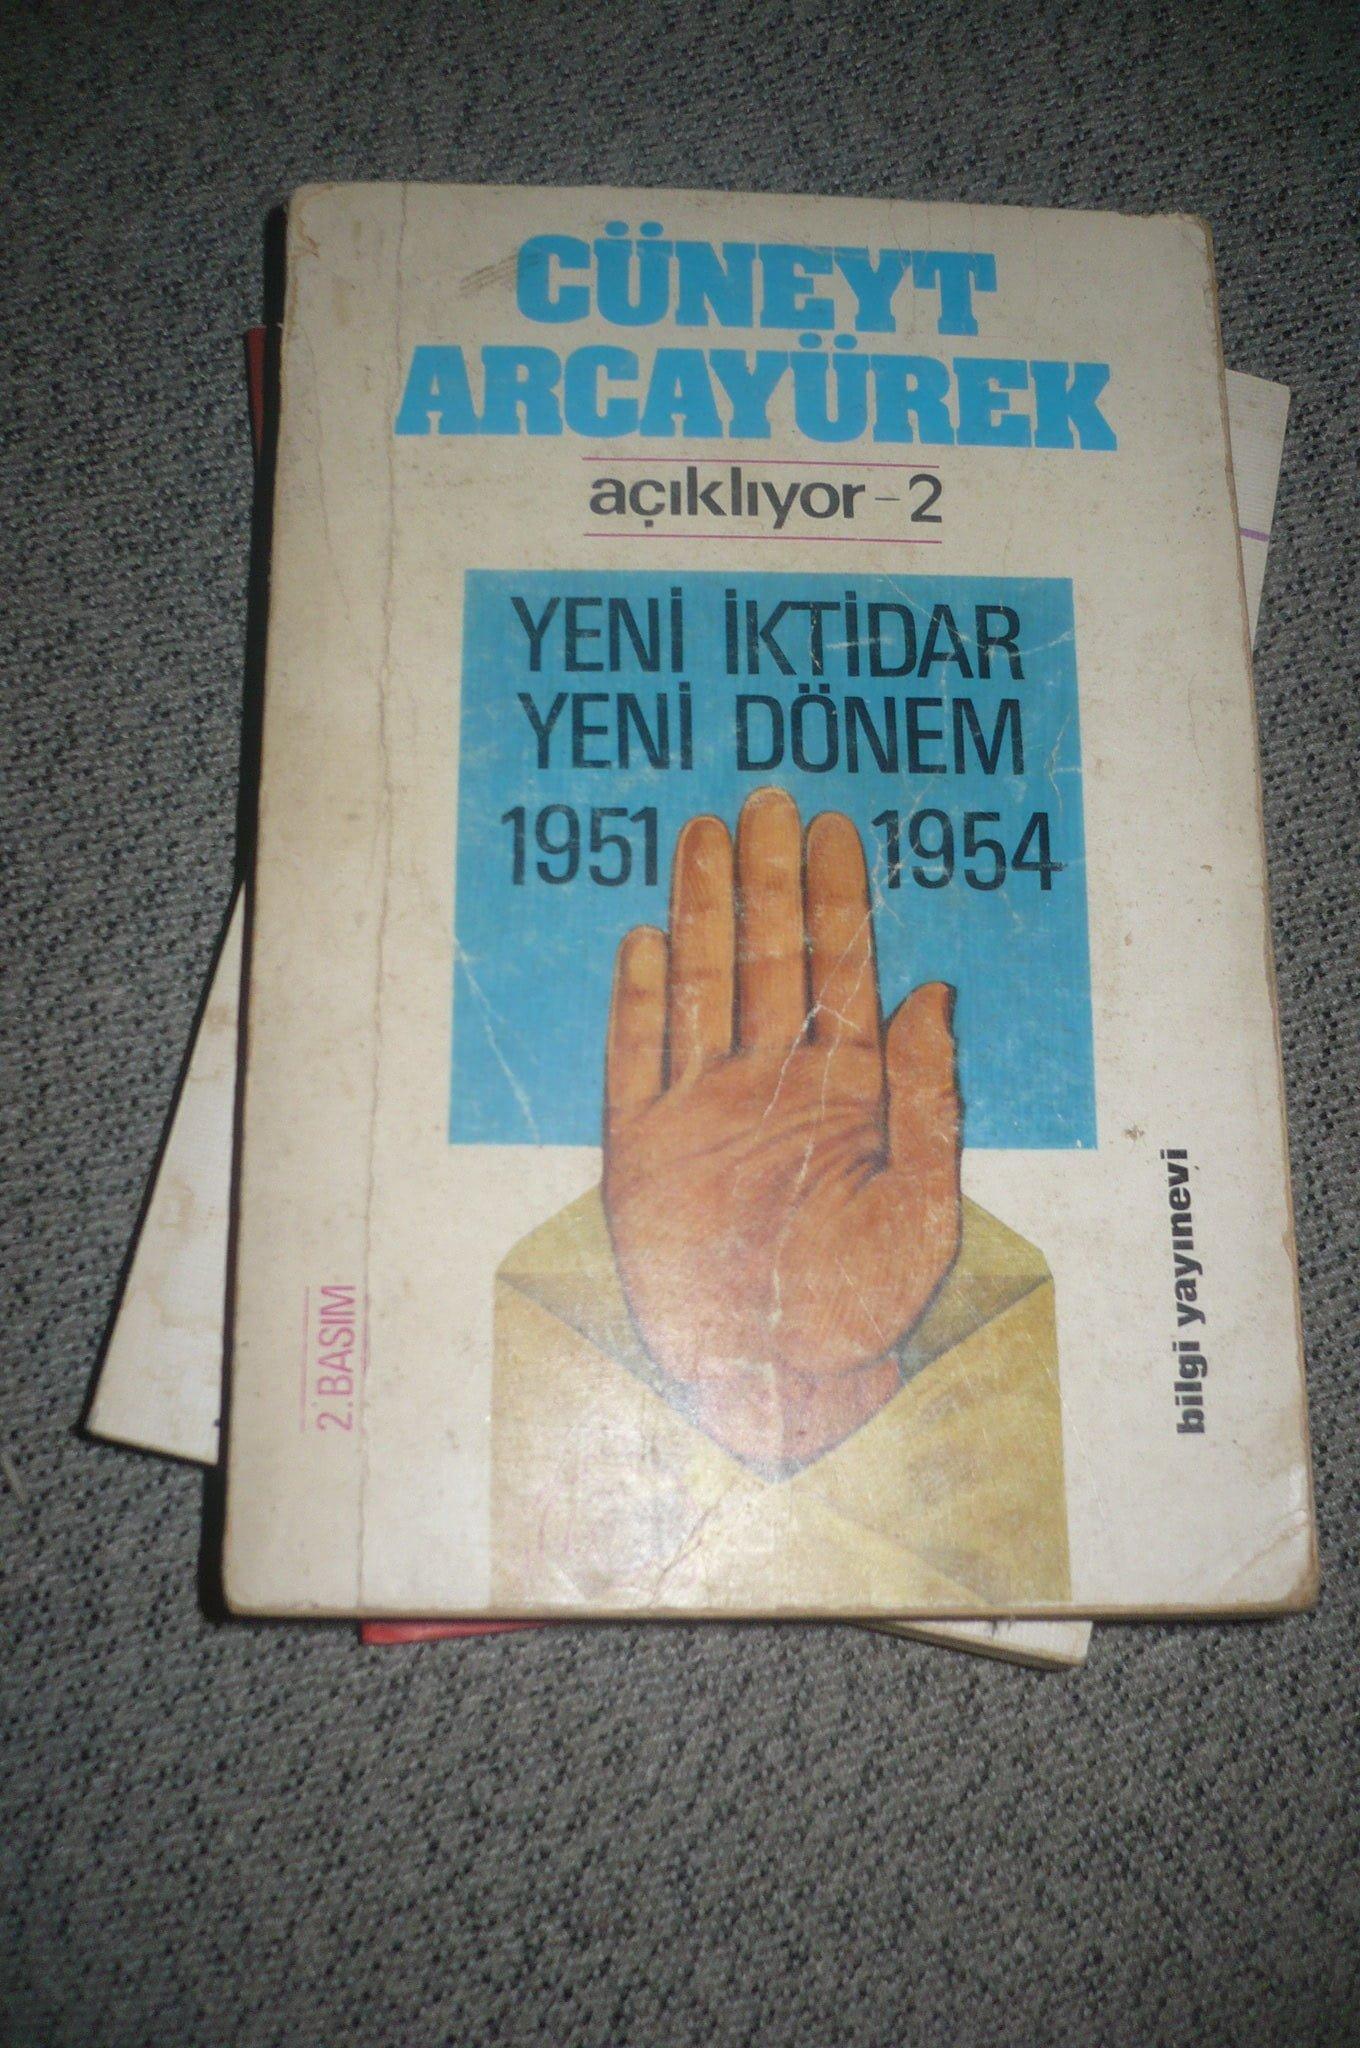 CÜNEYT ARCAYÜREK açıklıyor-2-YENİ İKTİDAR YENİ DÖNEM(1951-1954)/ 15 tl